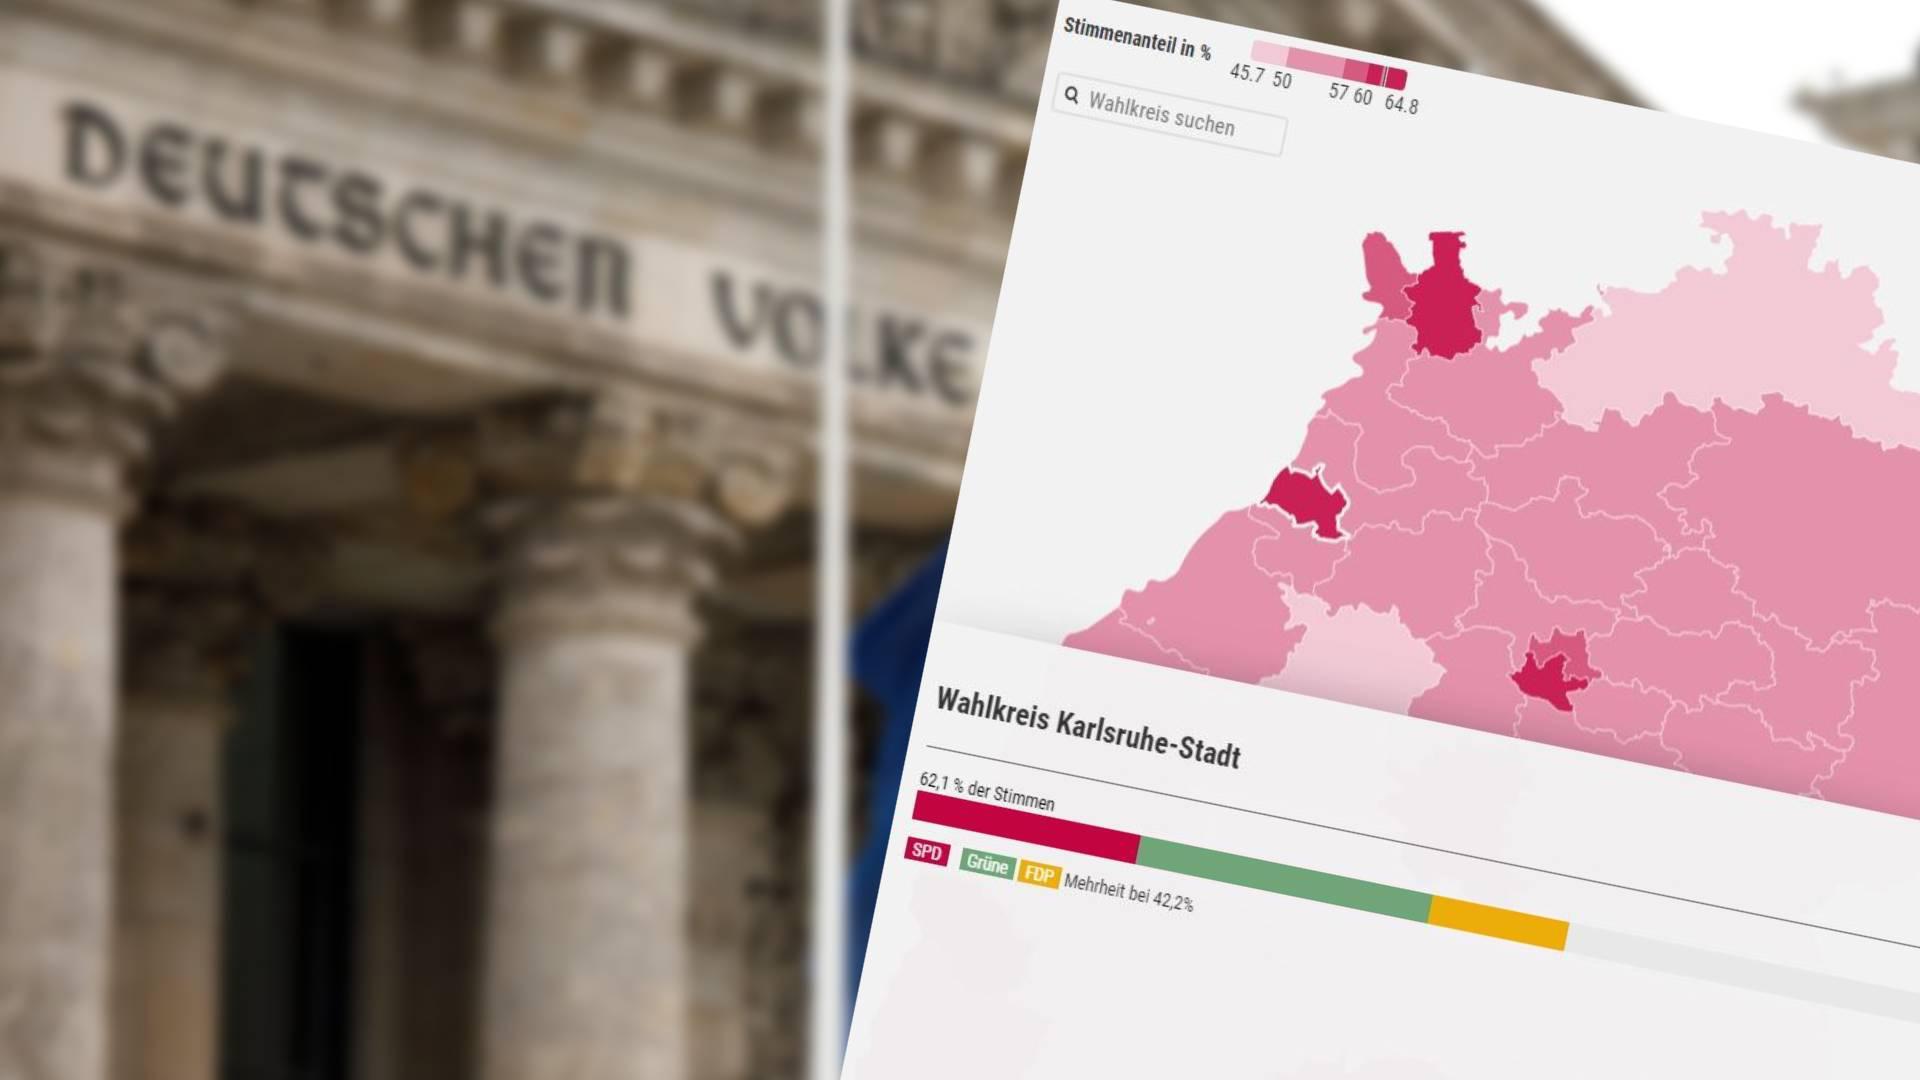 Analyse zur Bundestagswahl: Diese Koalitionen hätten in Ihrem Wahlkreis die größte Unterstützung.